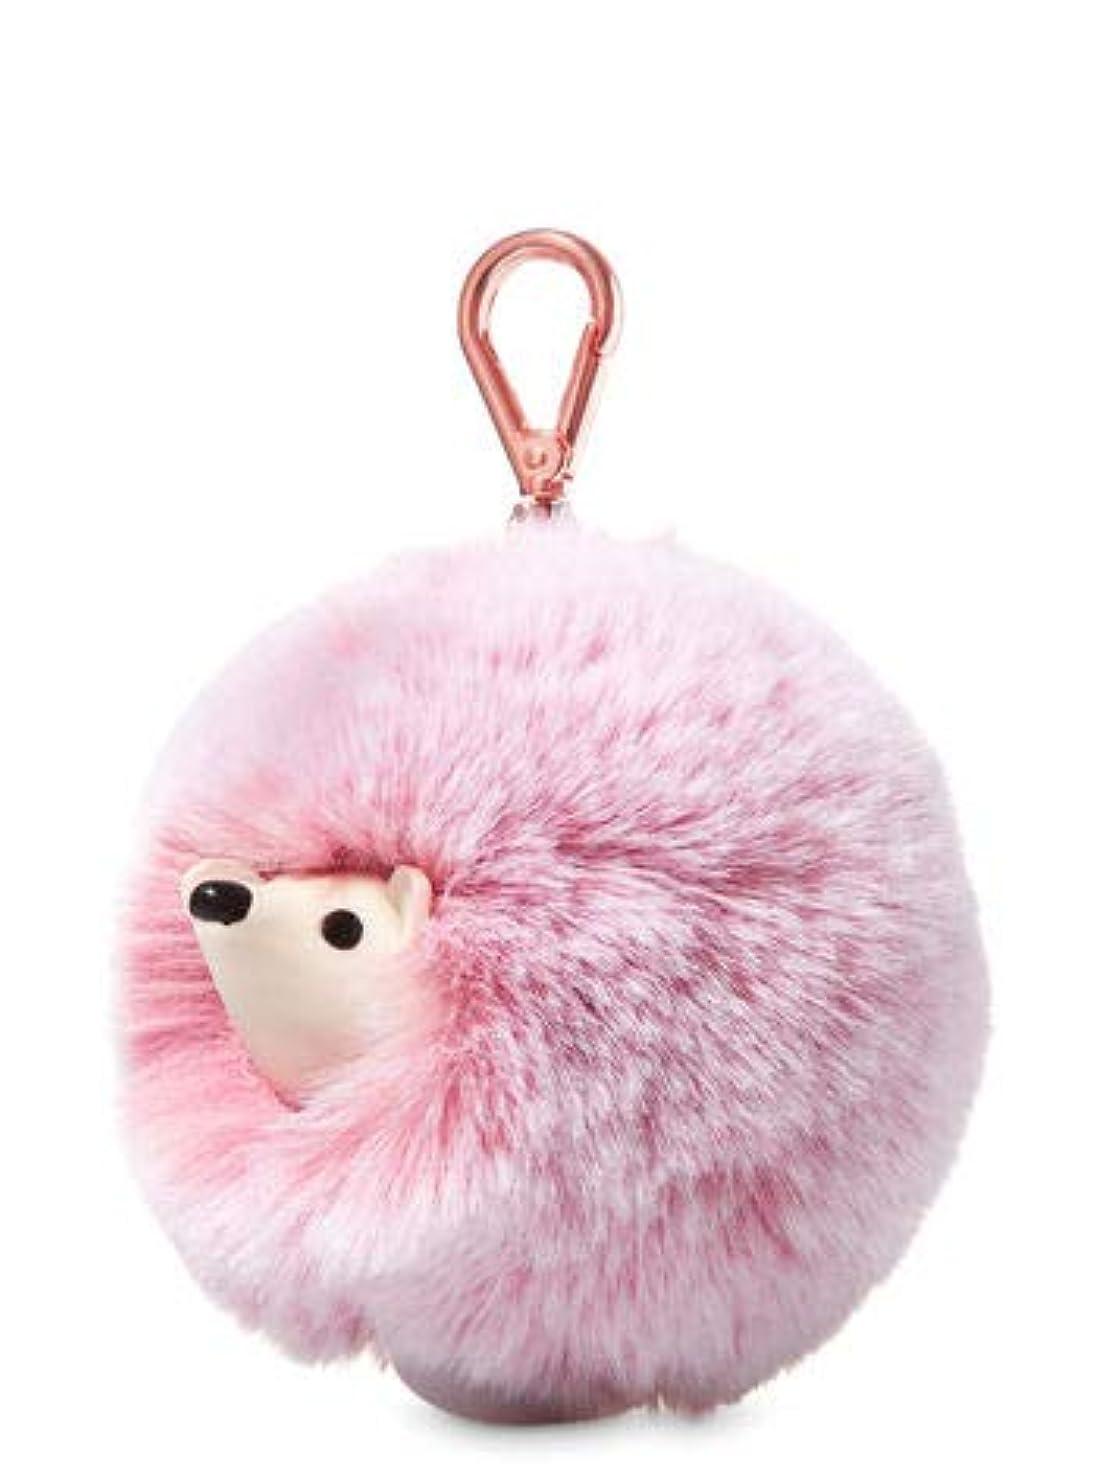 強度同種の好む【Bath&Body Works/バス&ボディワークス】 抗菌ハンドジェルホルダー ピンクヘッジホッグポンポン Pocketbac Holder Pink Hedgehog Pom-Pom [並行輸入品]